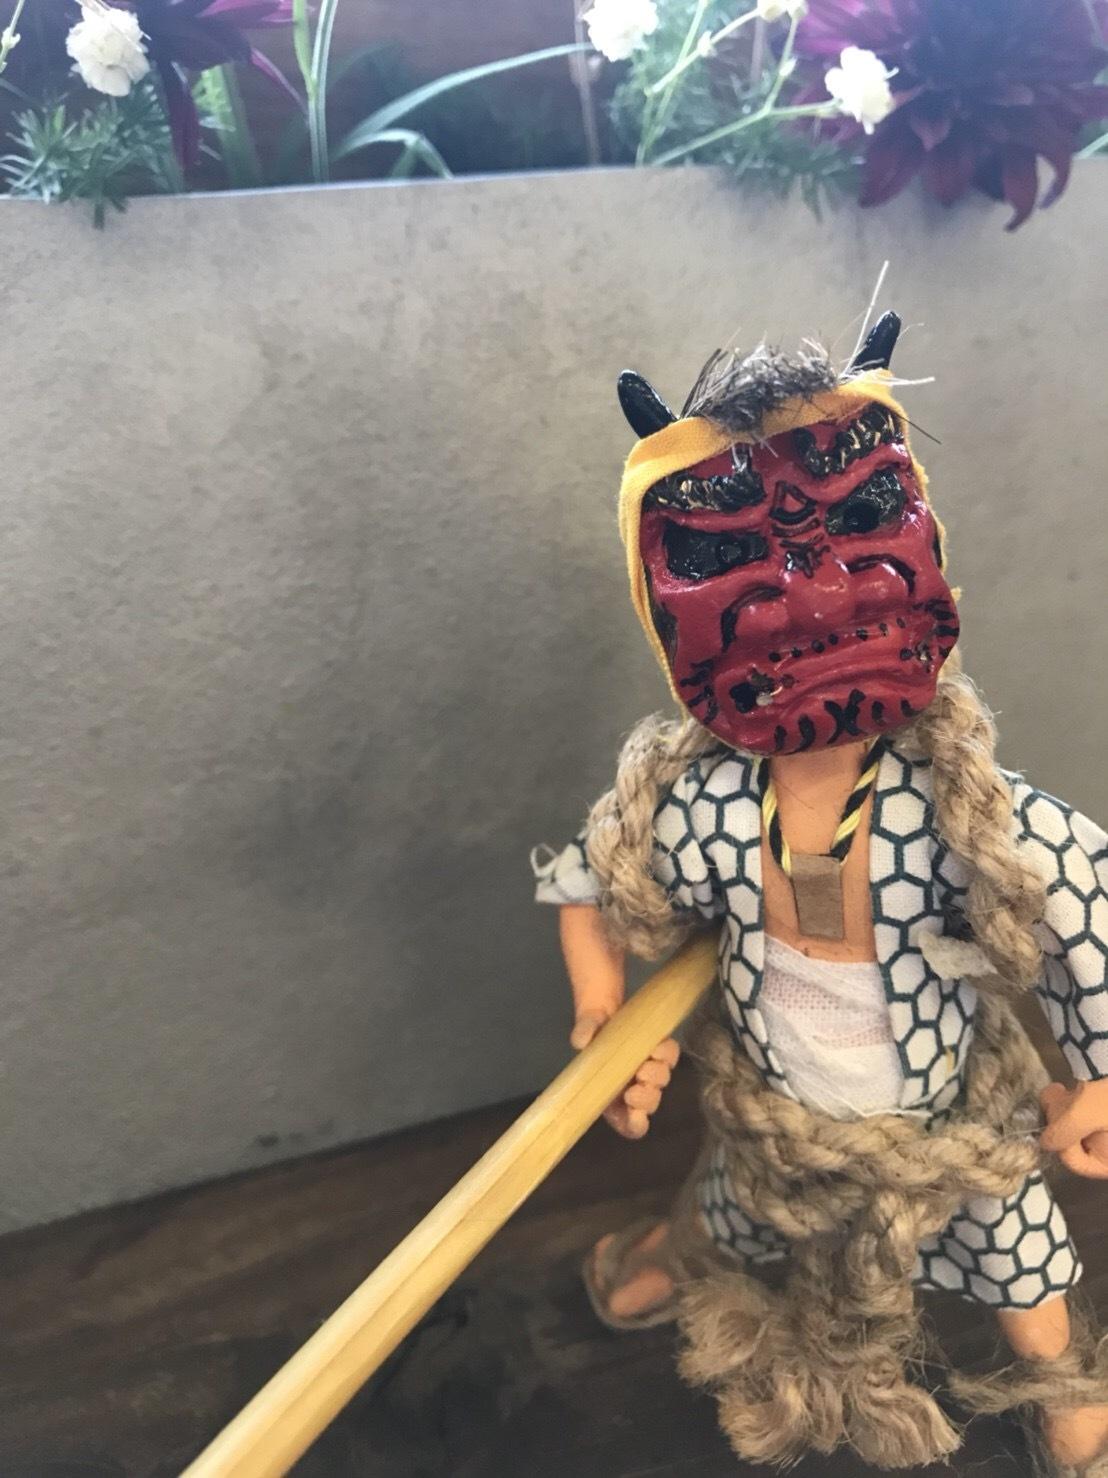 ヤブフィギュア(赤面 白亀甲 首飾り)